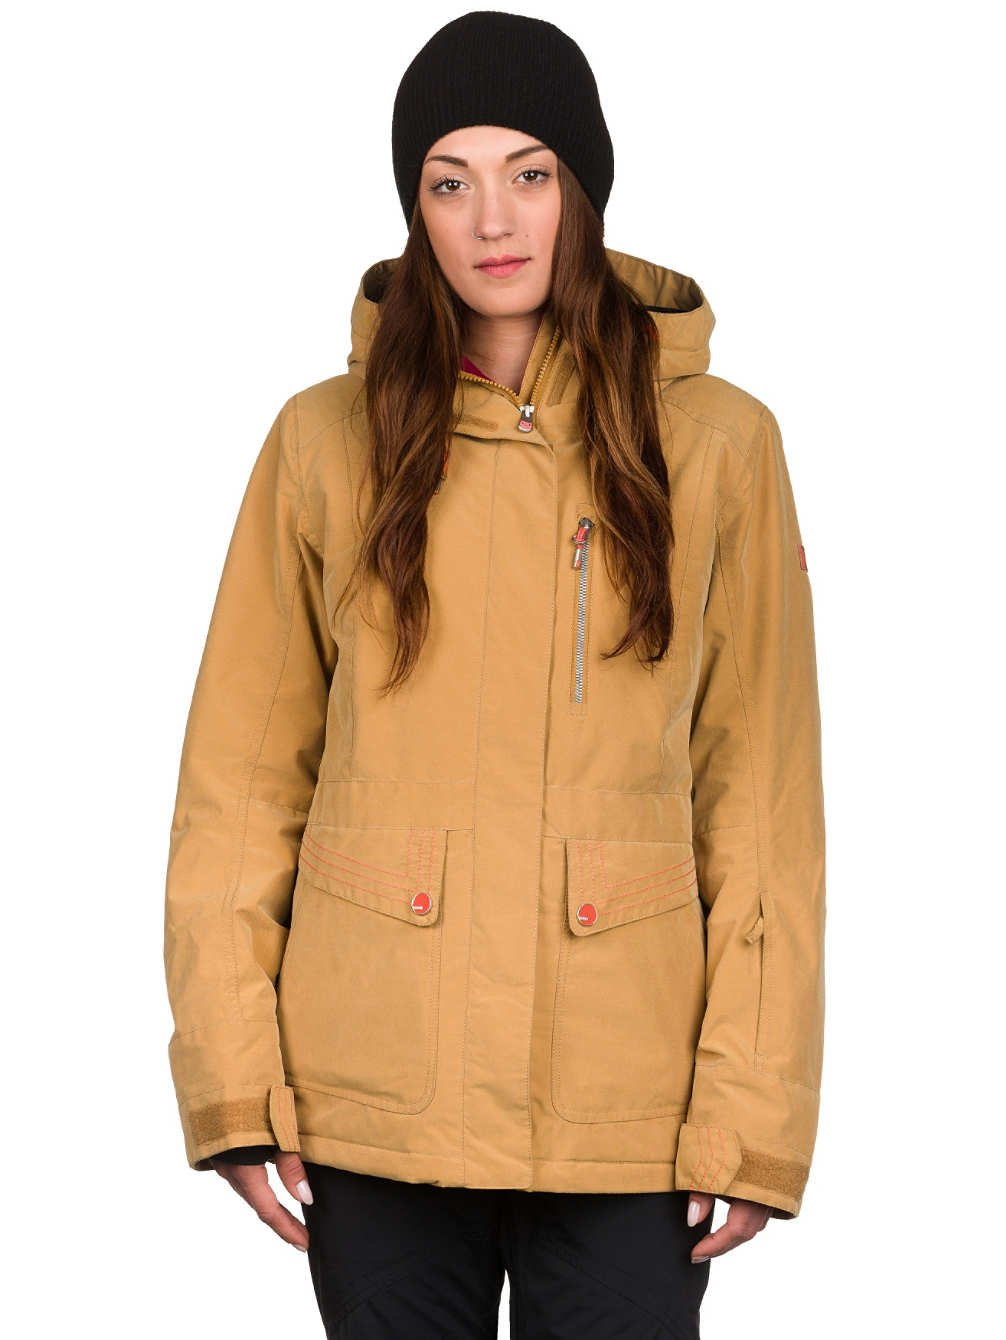 7eeb47c085840b Sport & Freizeit Sportbekleidung Roxy Damen Snowboard Jacke TB Andie Jacke  Farbe Bone Brown Größe M ...